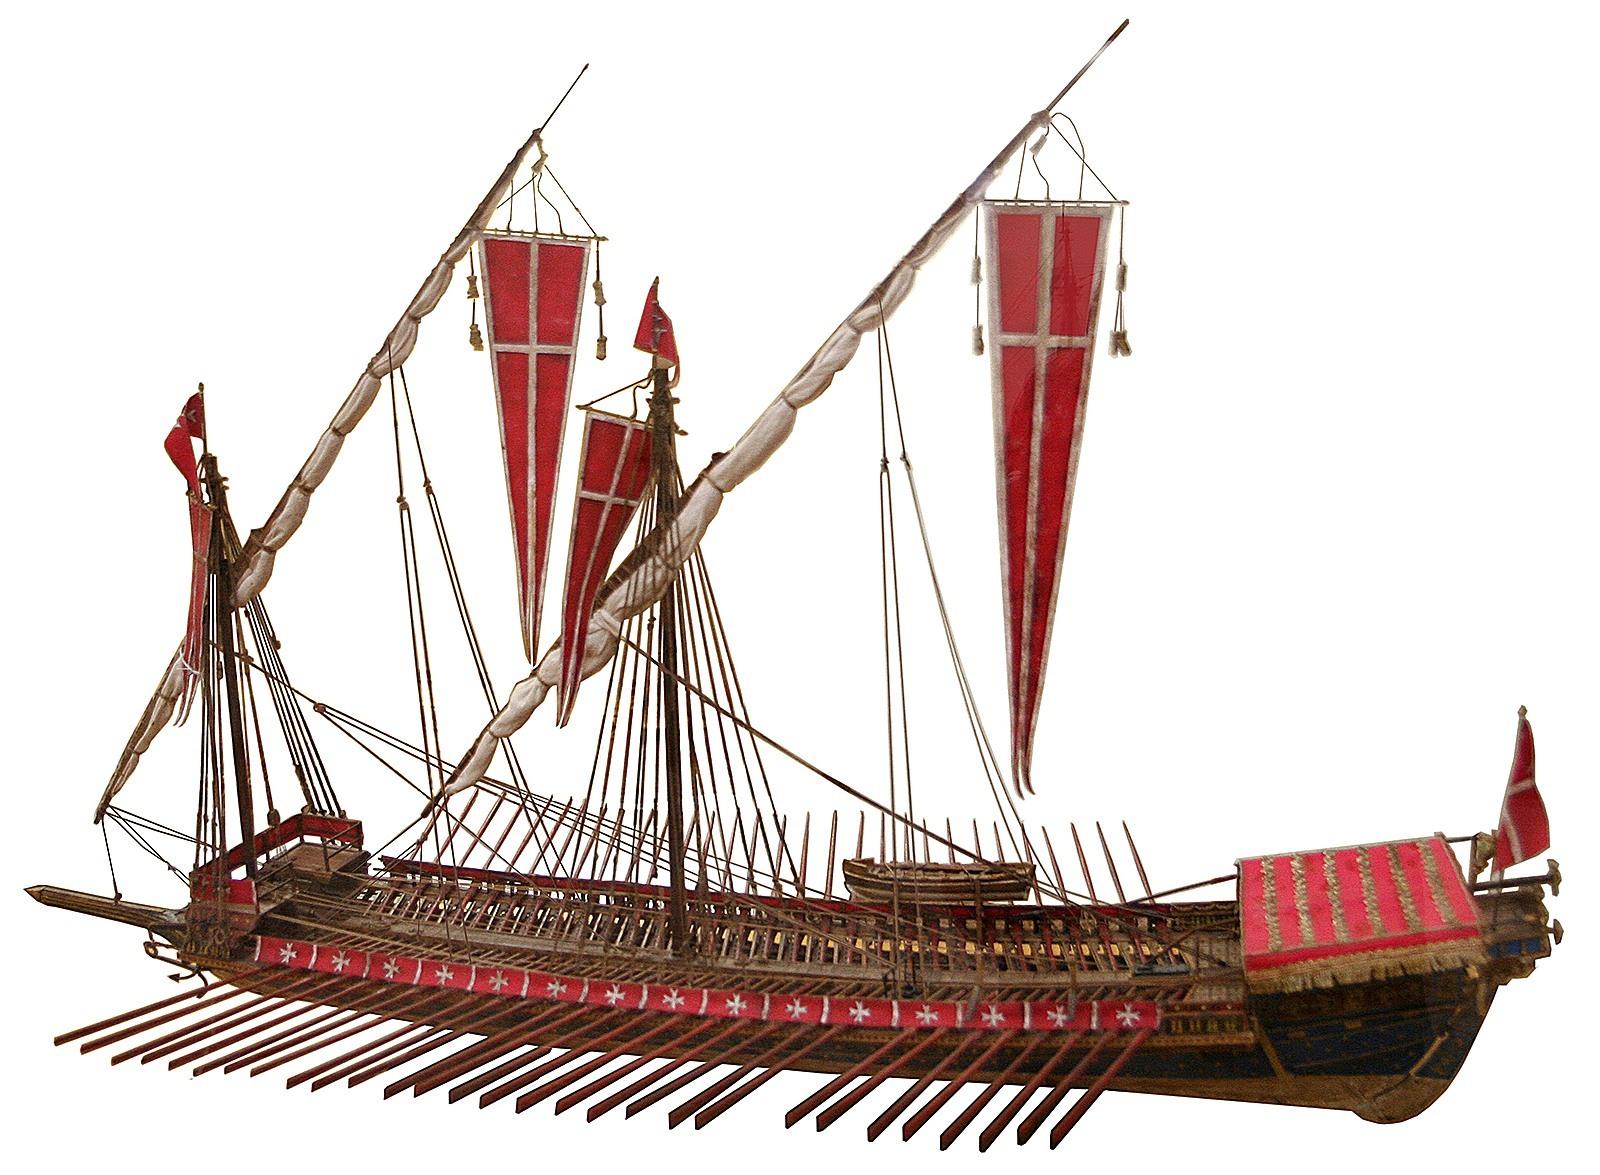 4-Η-άλωση-της-Χαλκίδας-από-τον-Μωάμεθ-Β-στα-1470-Γαλέρα 15πυ αιώνα